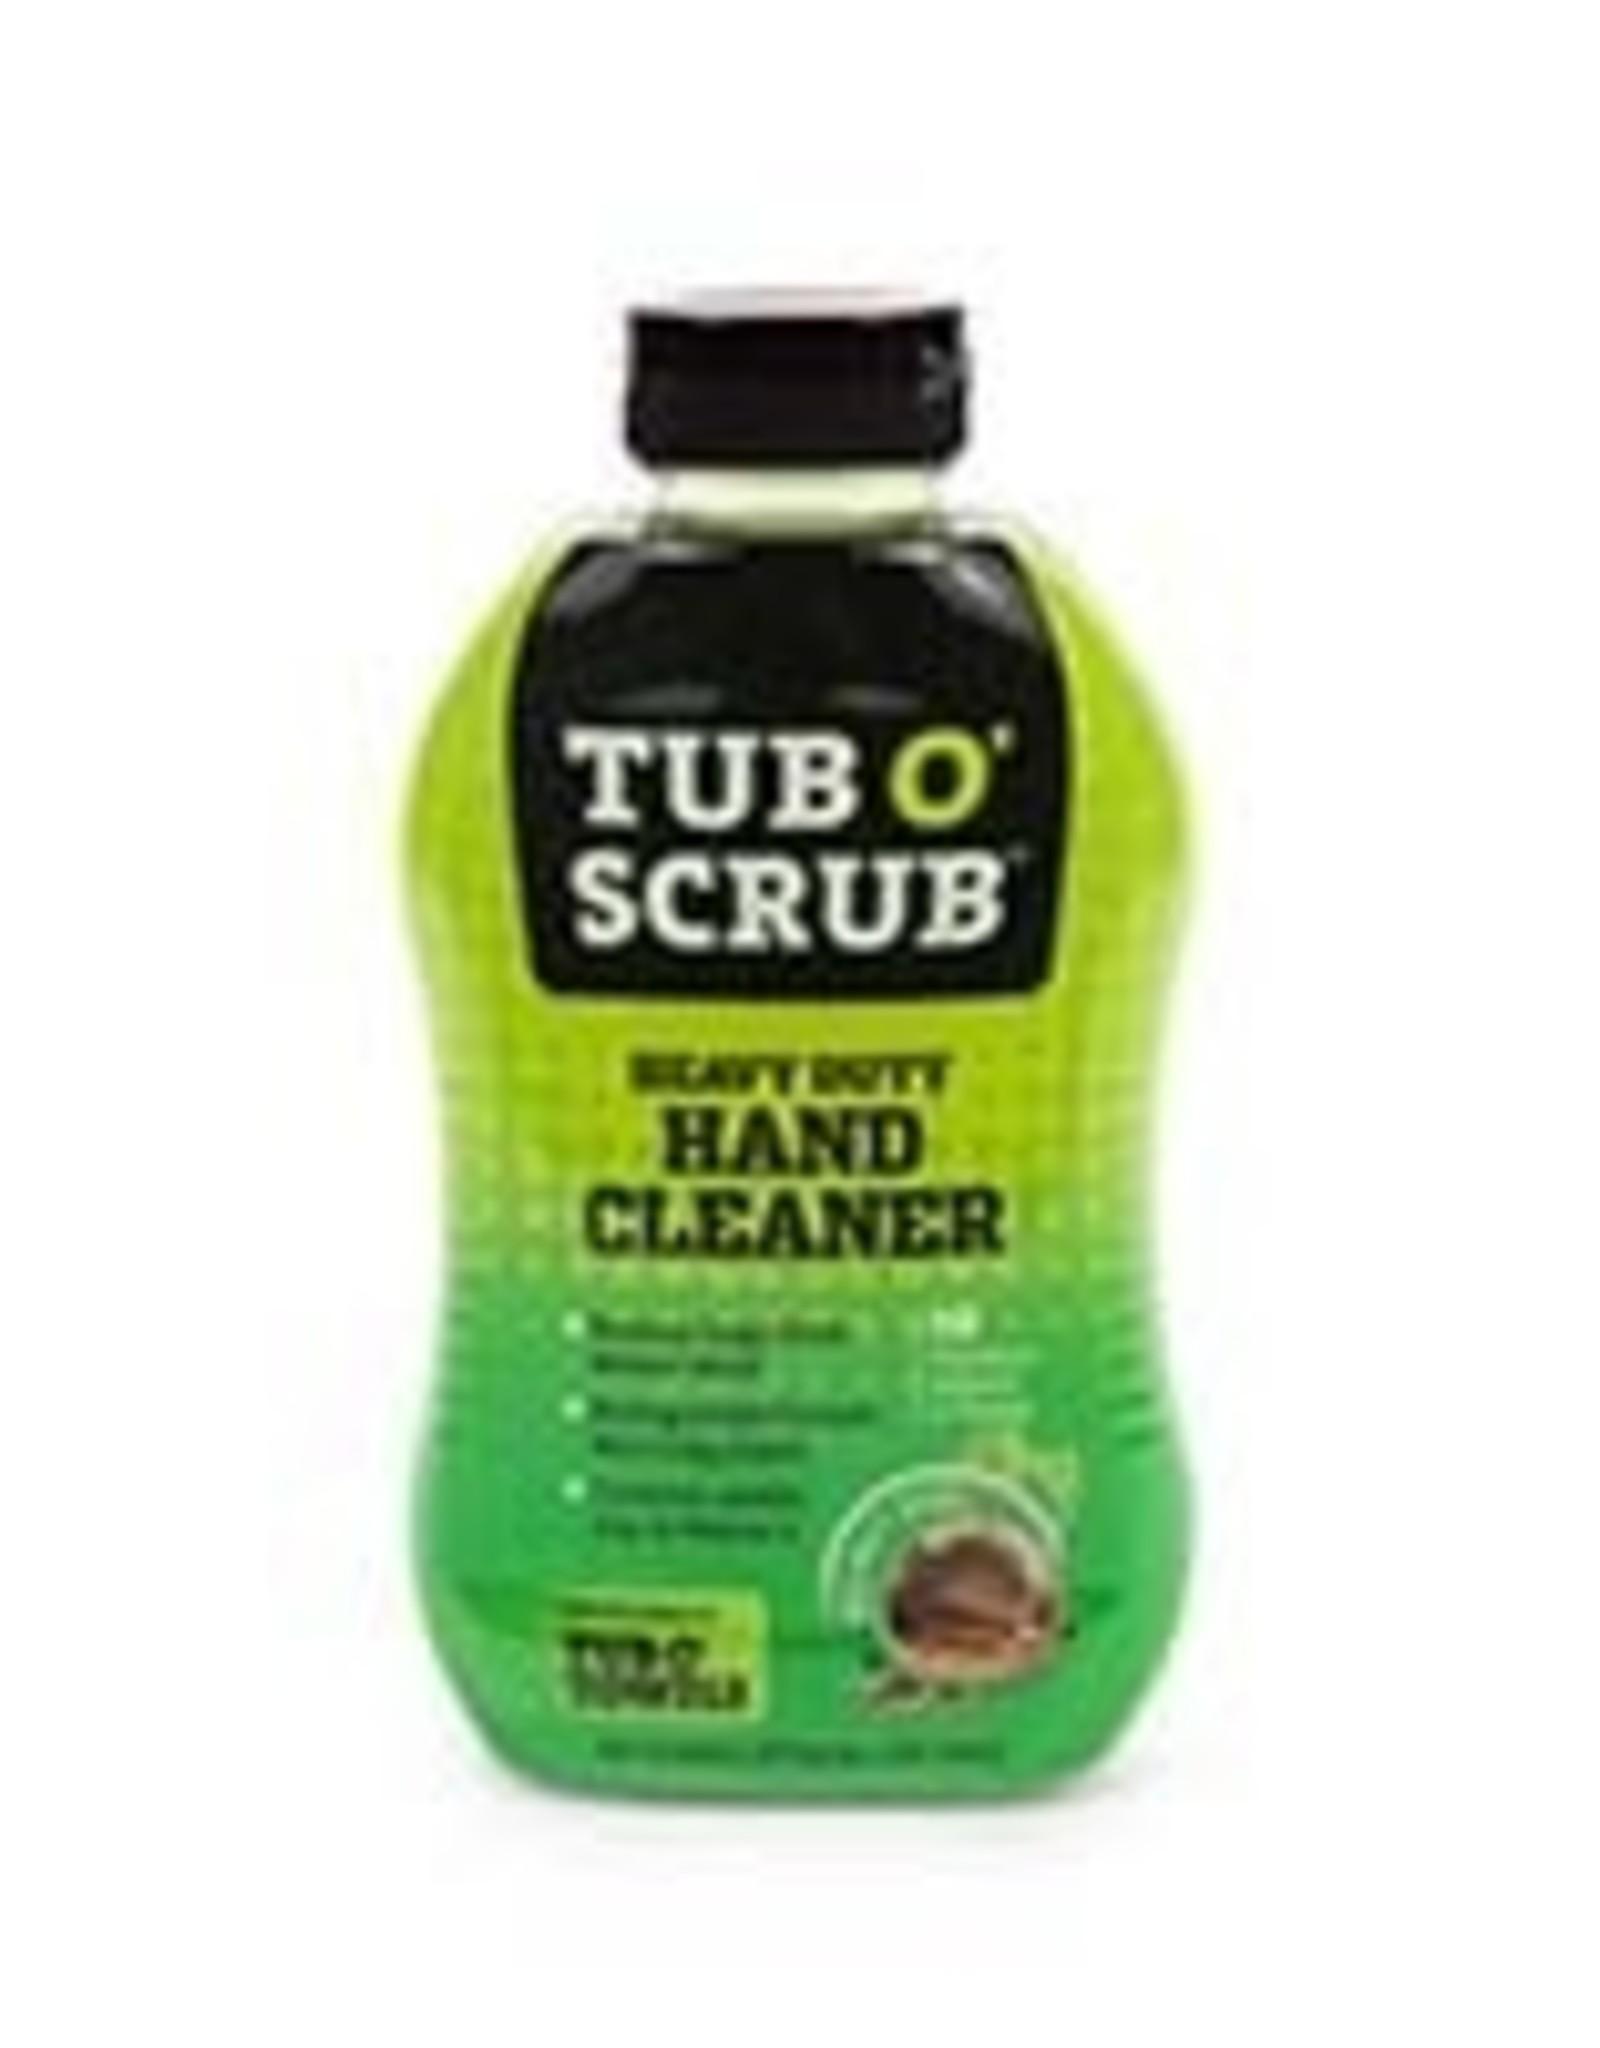 Stanley Tools Tub O' Scrub  - HEAVY DUTY HAND CLEANER